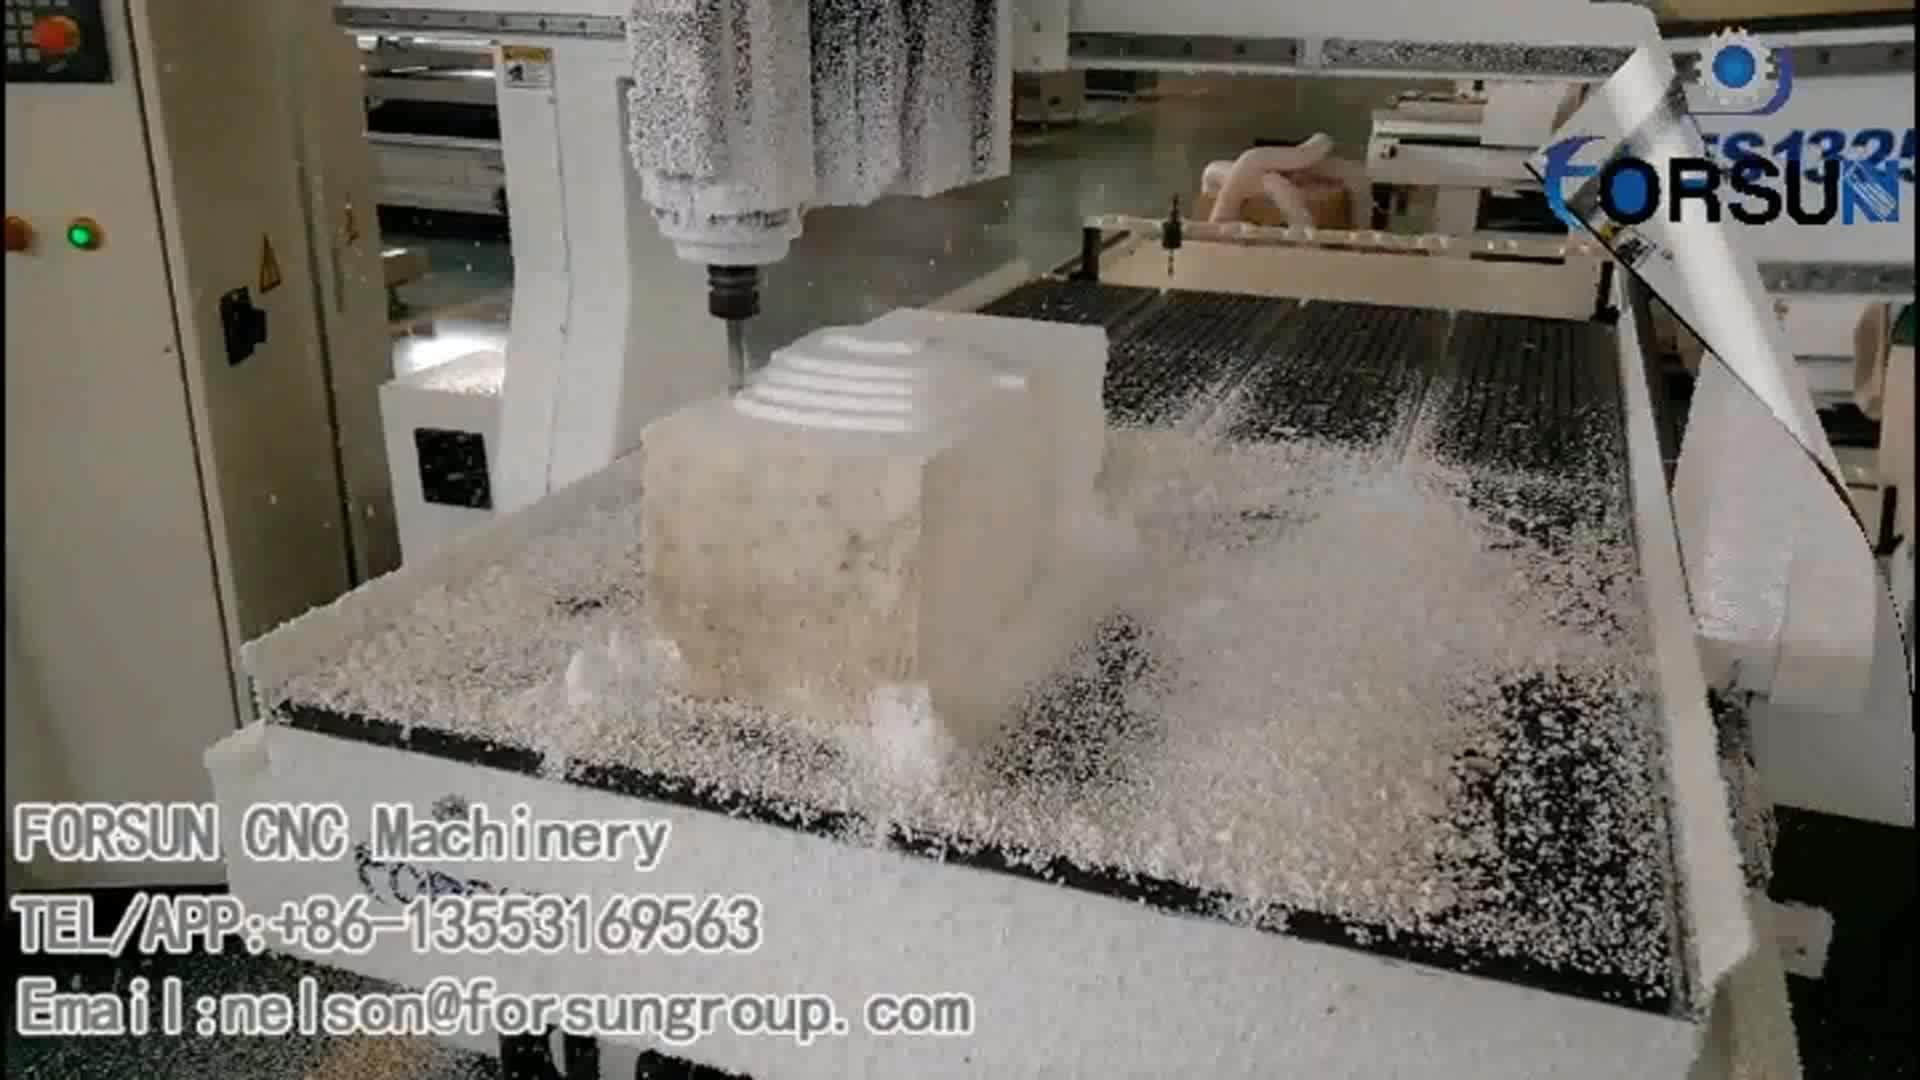 Cina macchina sculture in legno fresatura cnc 1325 4 assi